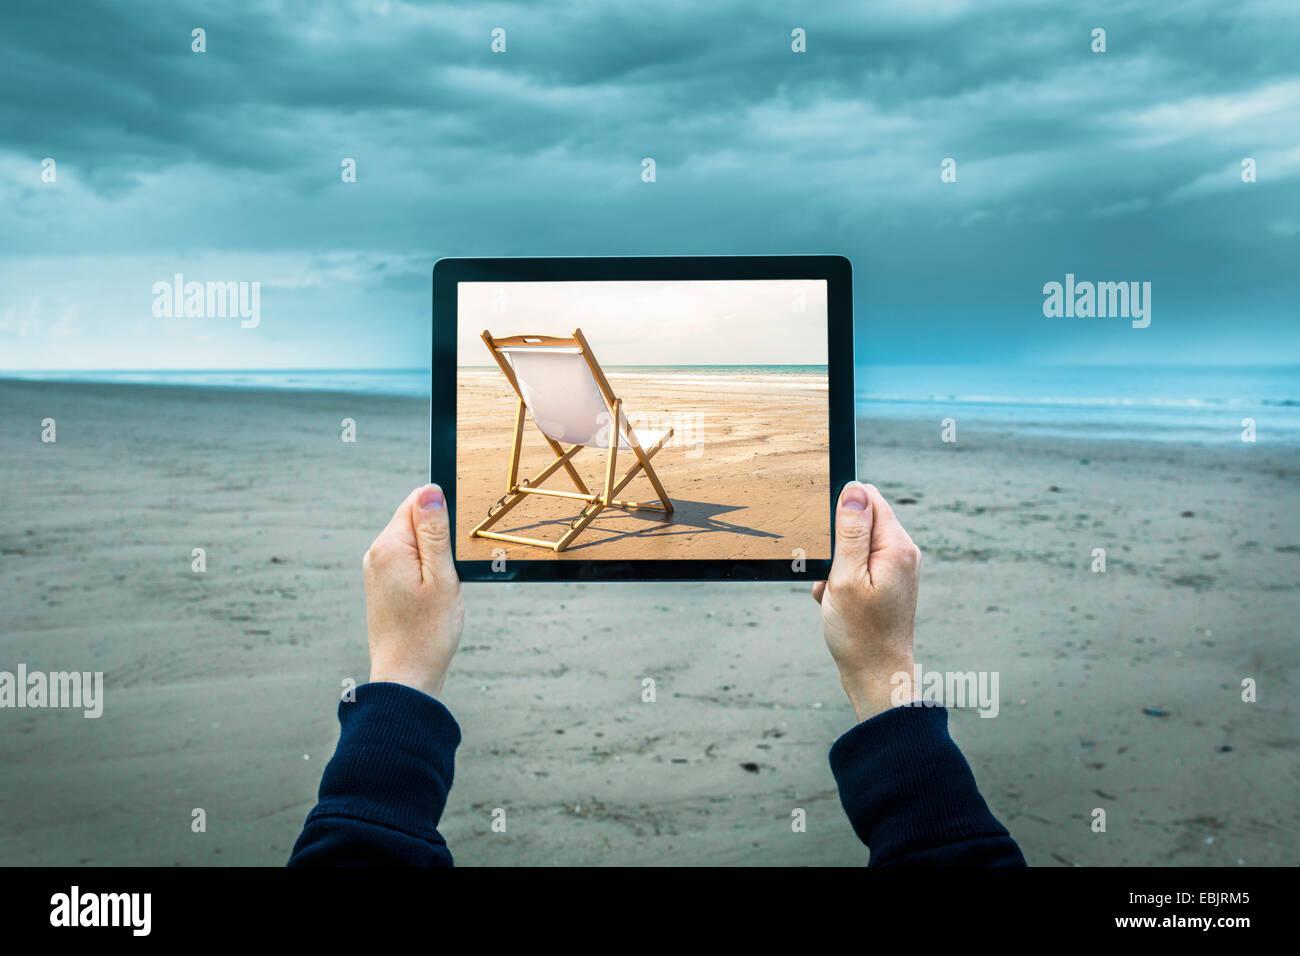 Femme mature sur nuageux beach, holding digital tablet showing sunny beach scene, se concentrer sur les mains et Photo Stock